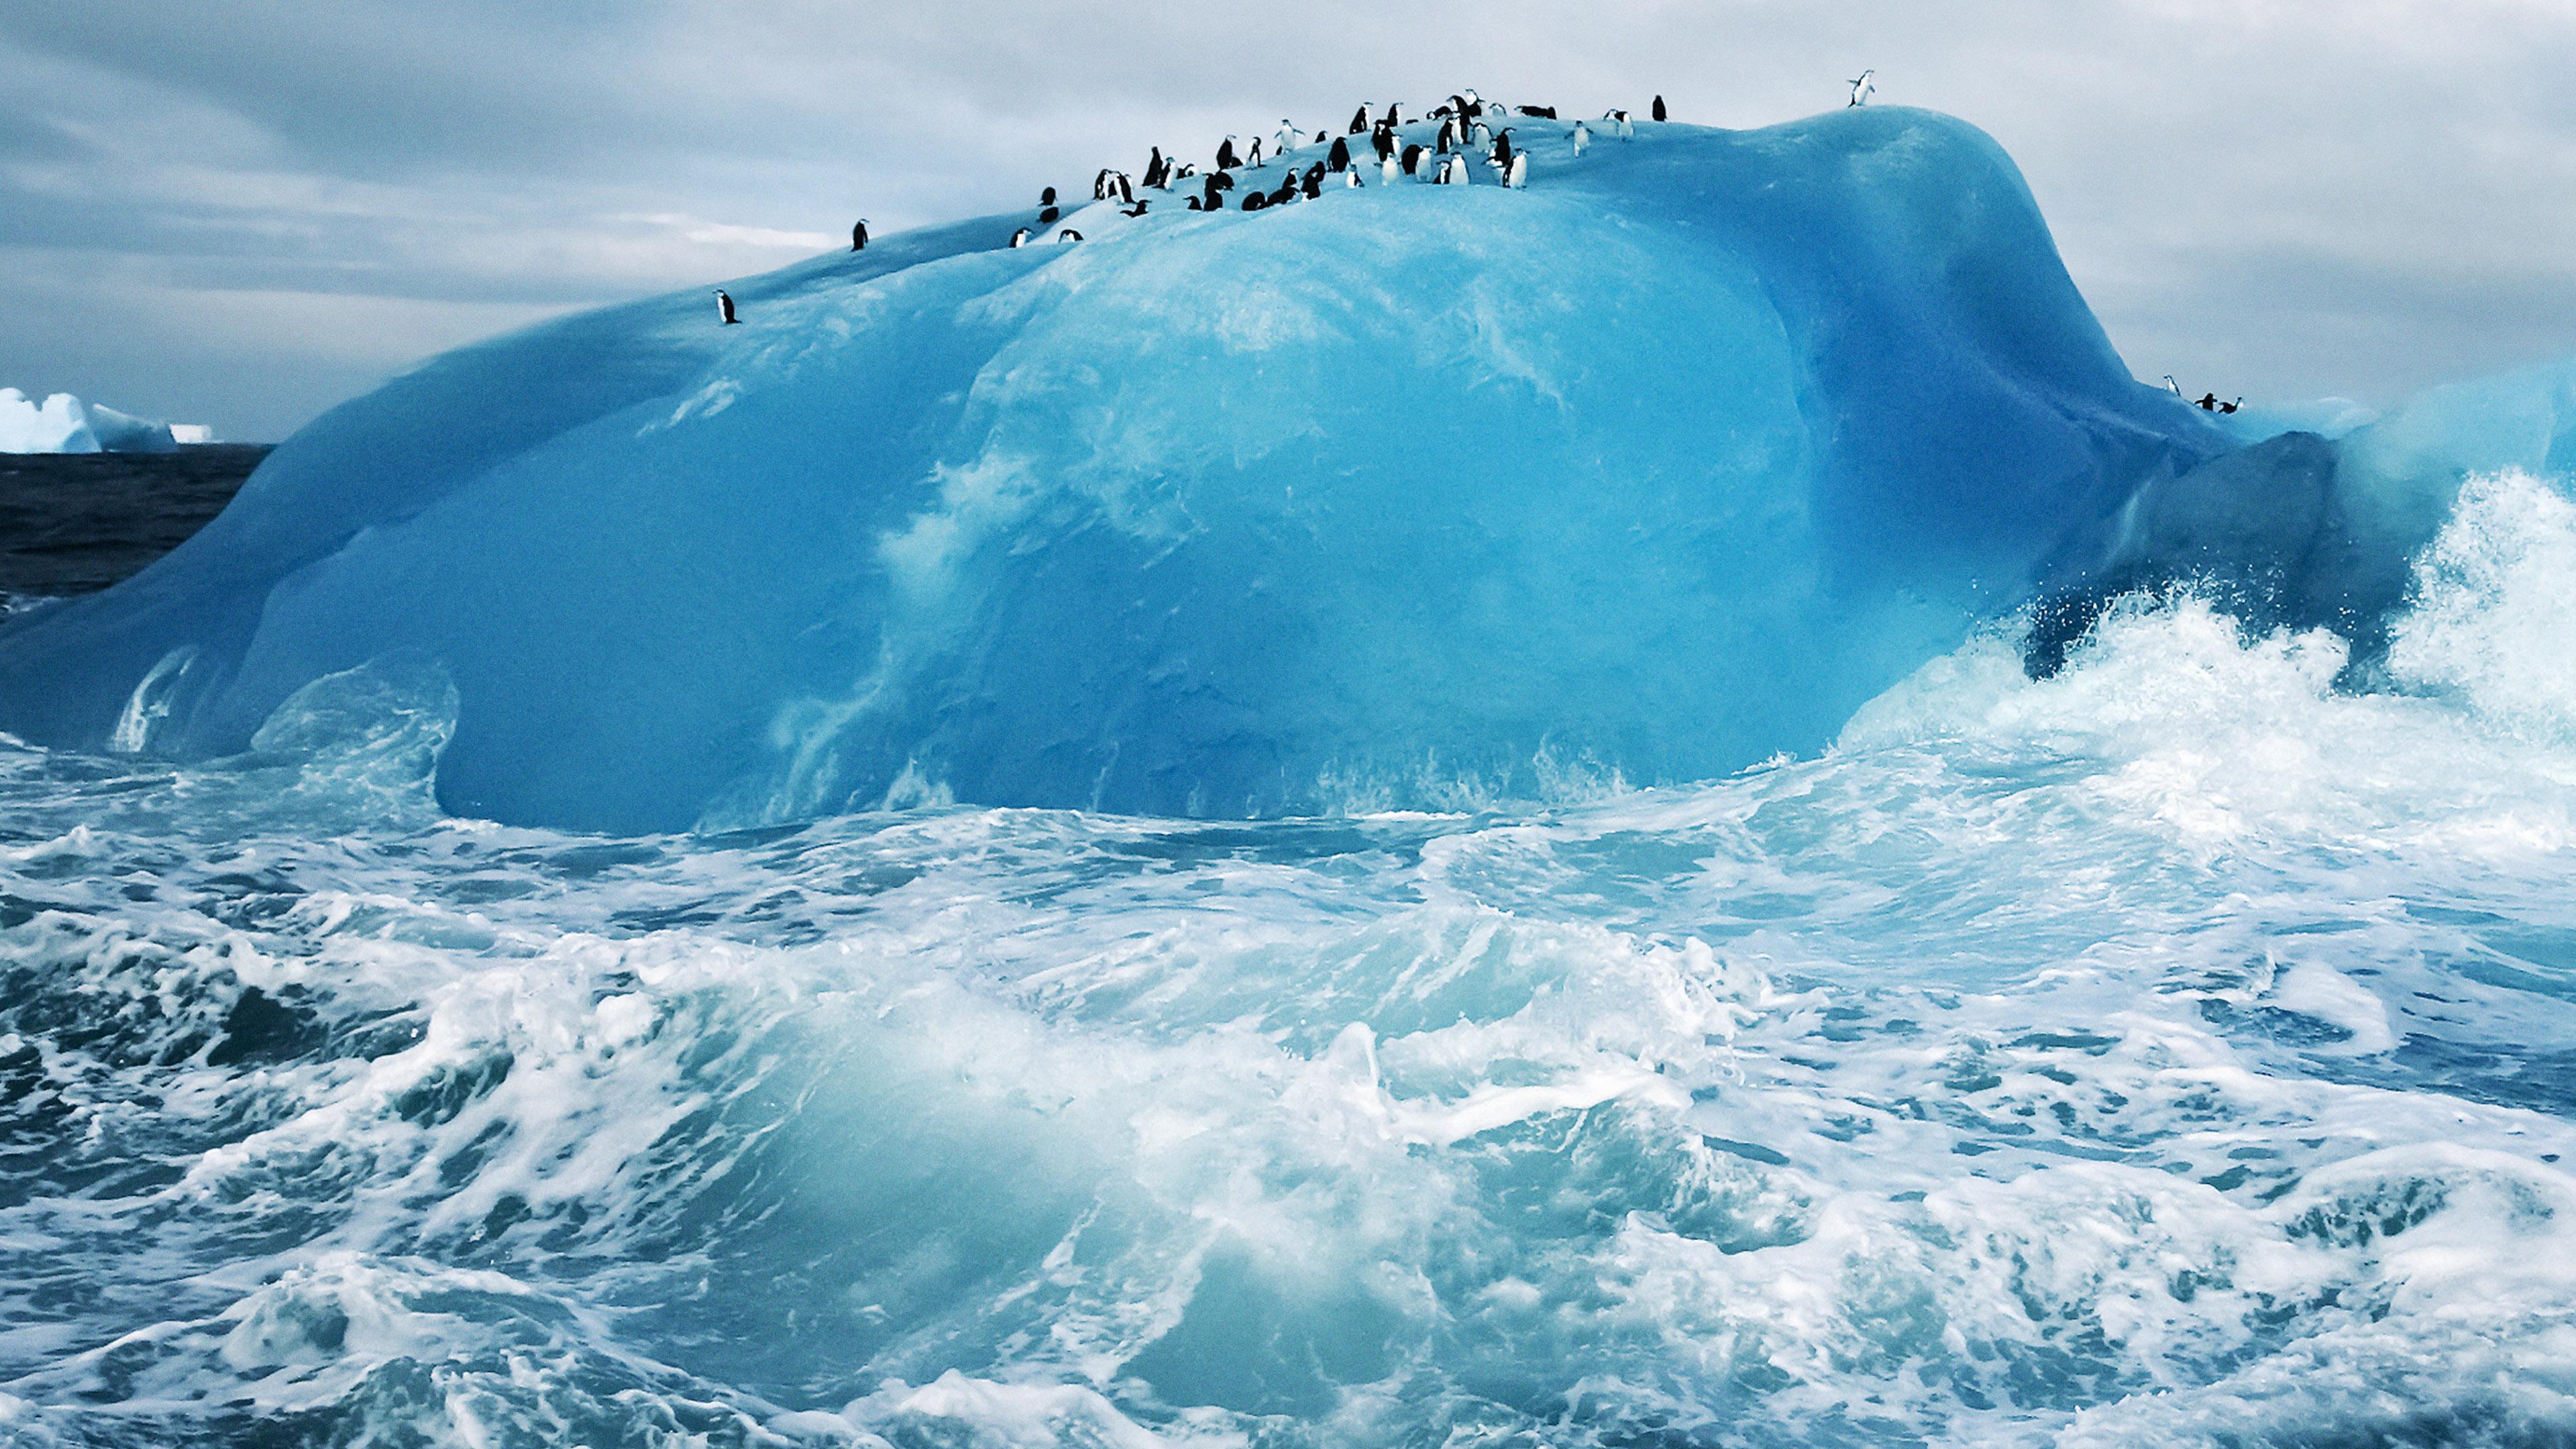 md73-penguin-iceberg-s...